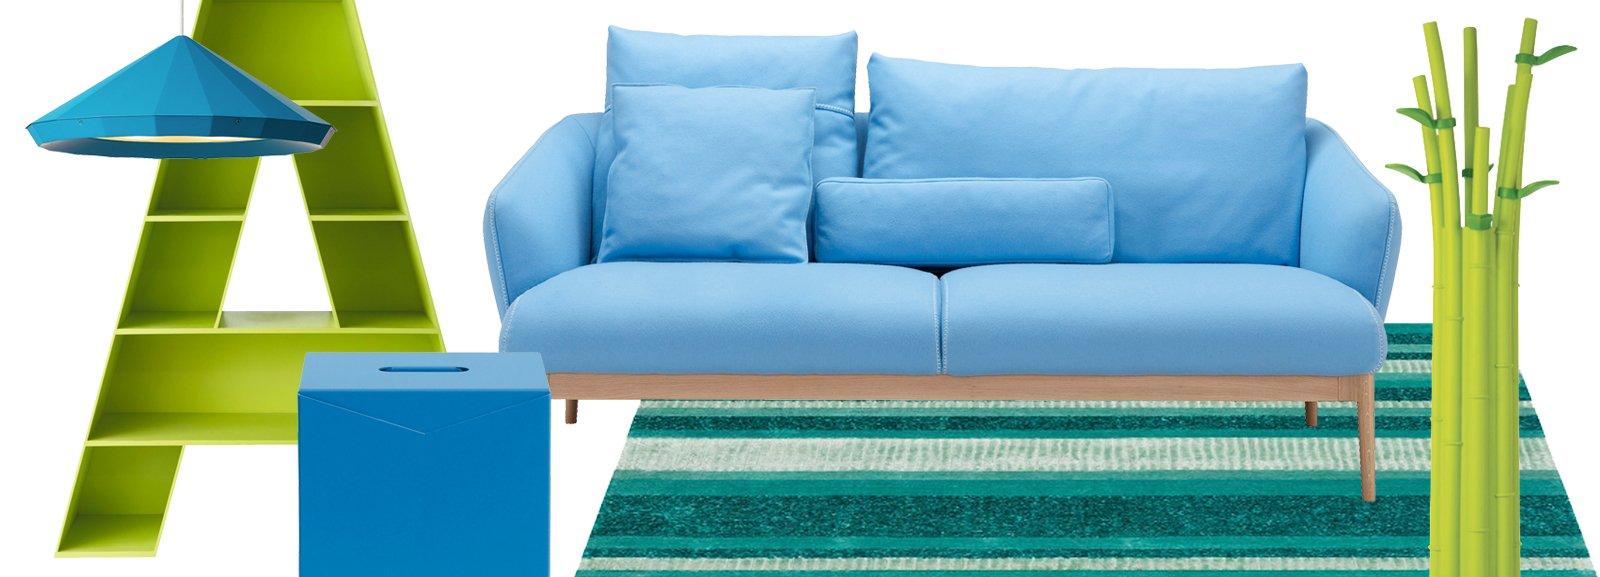 Tappeti Soggiorno Leroy Merlin: Arredamento casa 2016, arredo con mobili e ac...